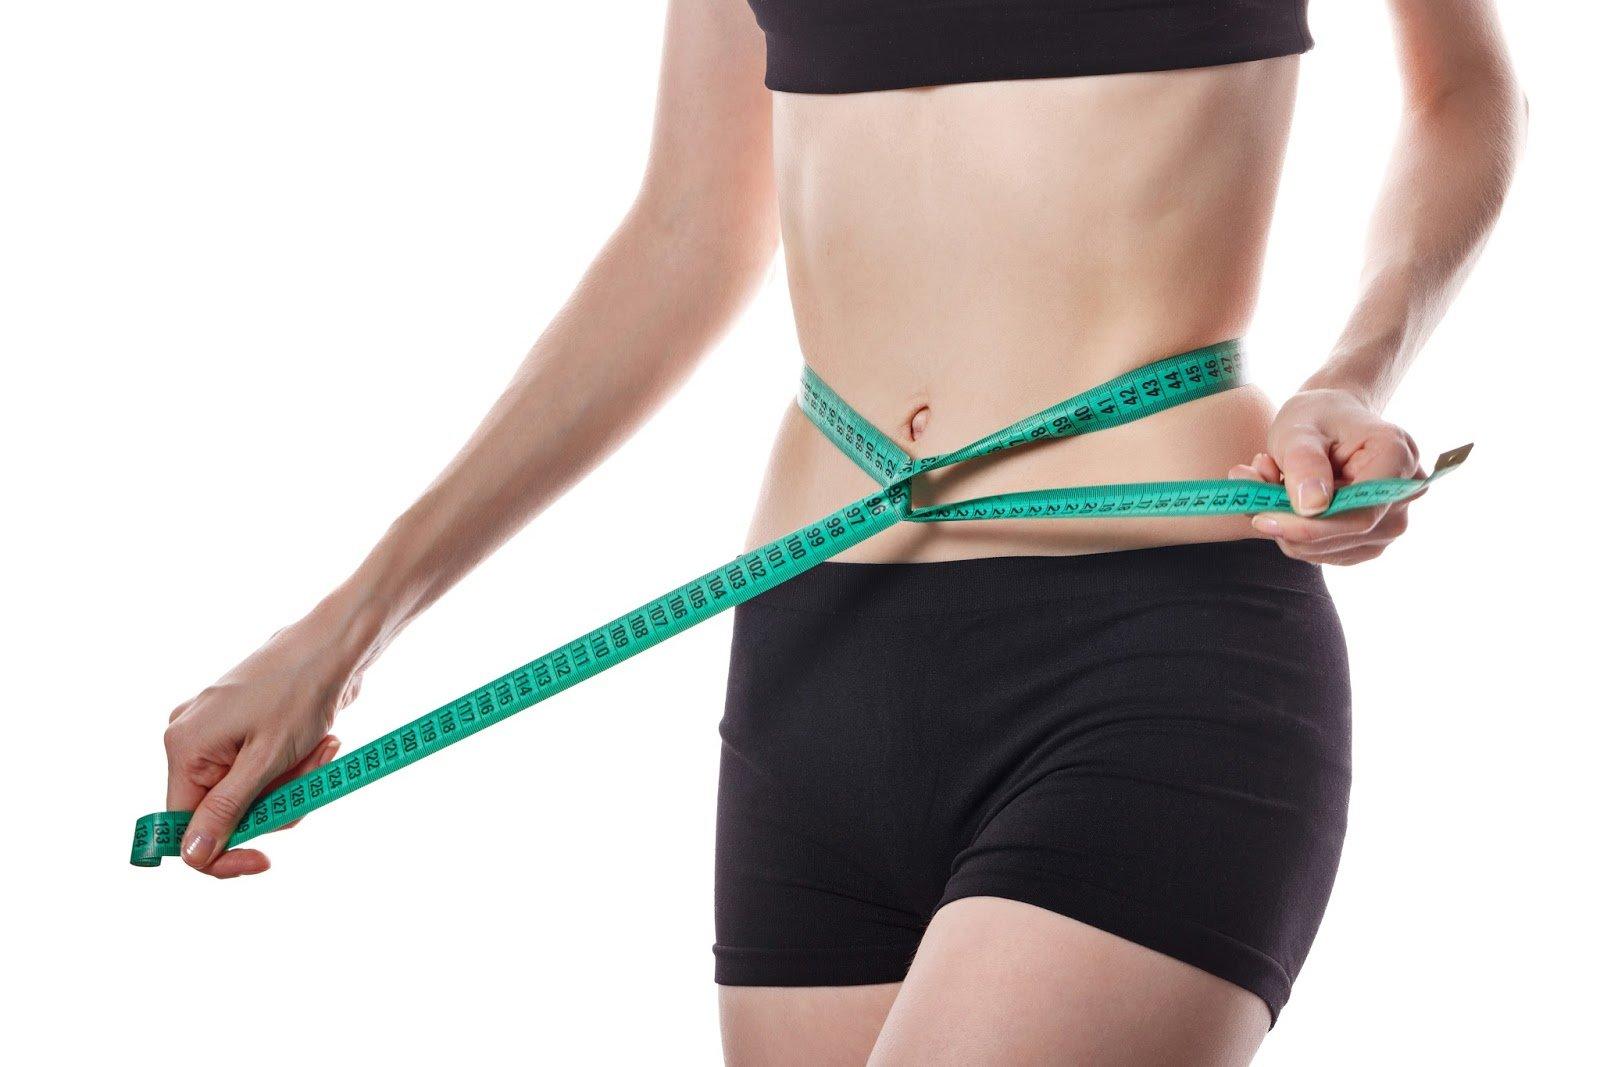 Похудение В Талии И Попе. Как увеличить ягодицы и при этом похудеть в талии